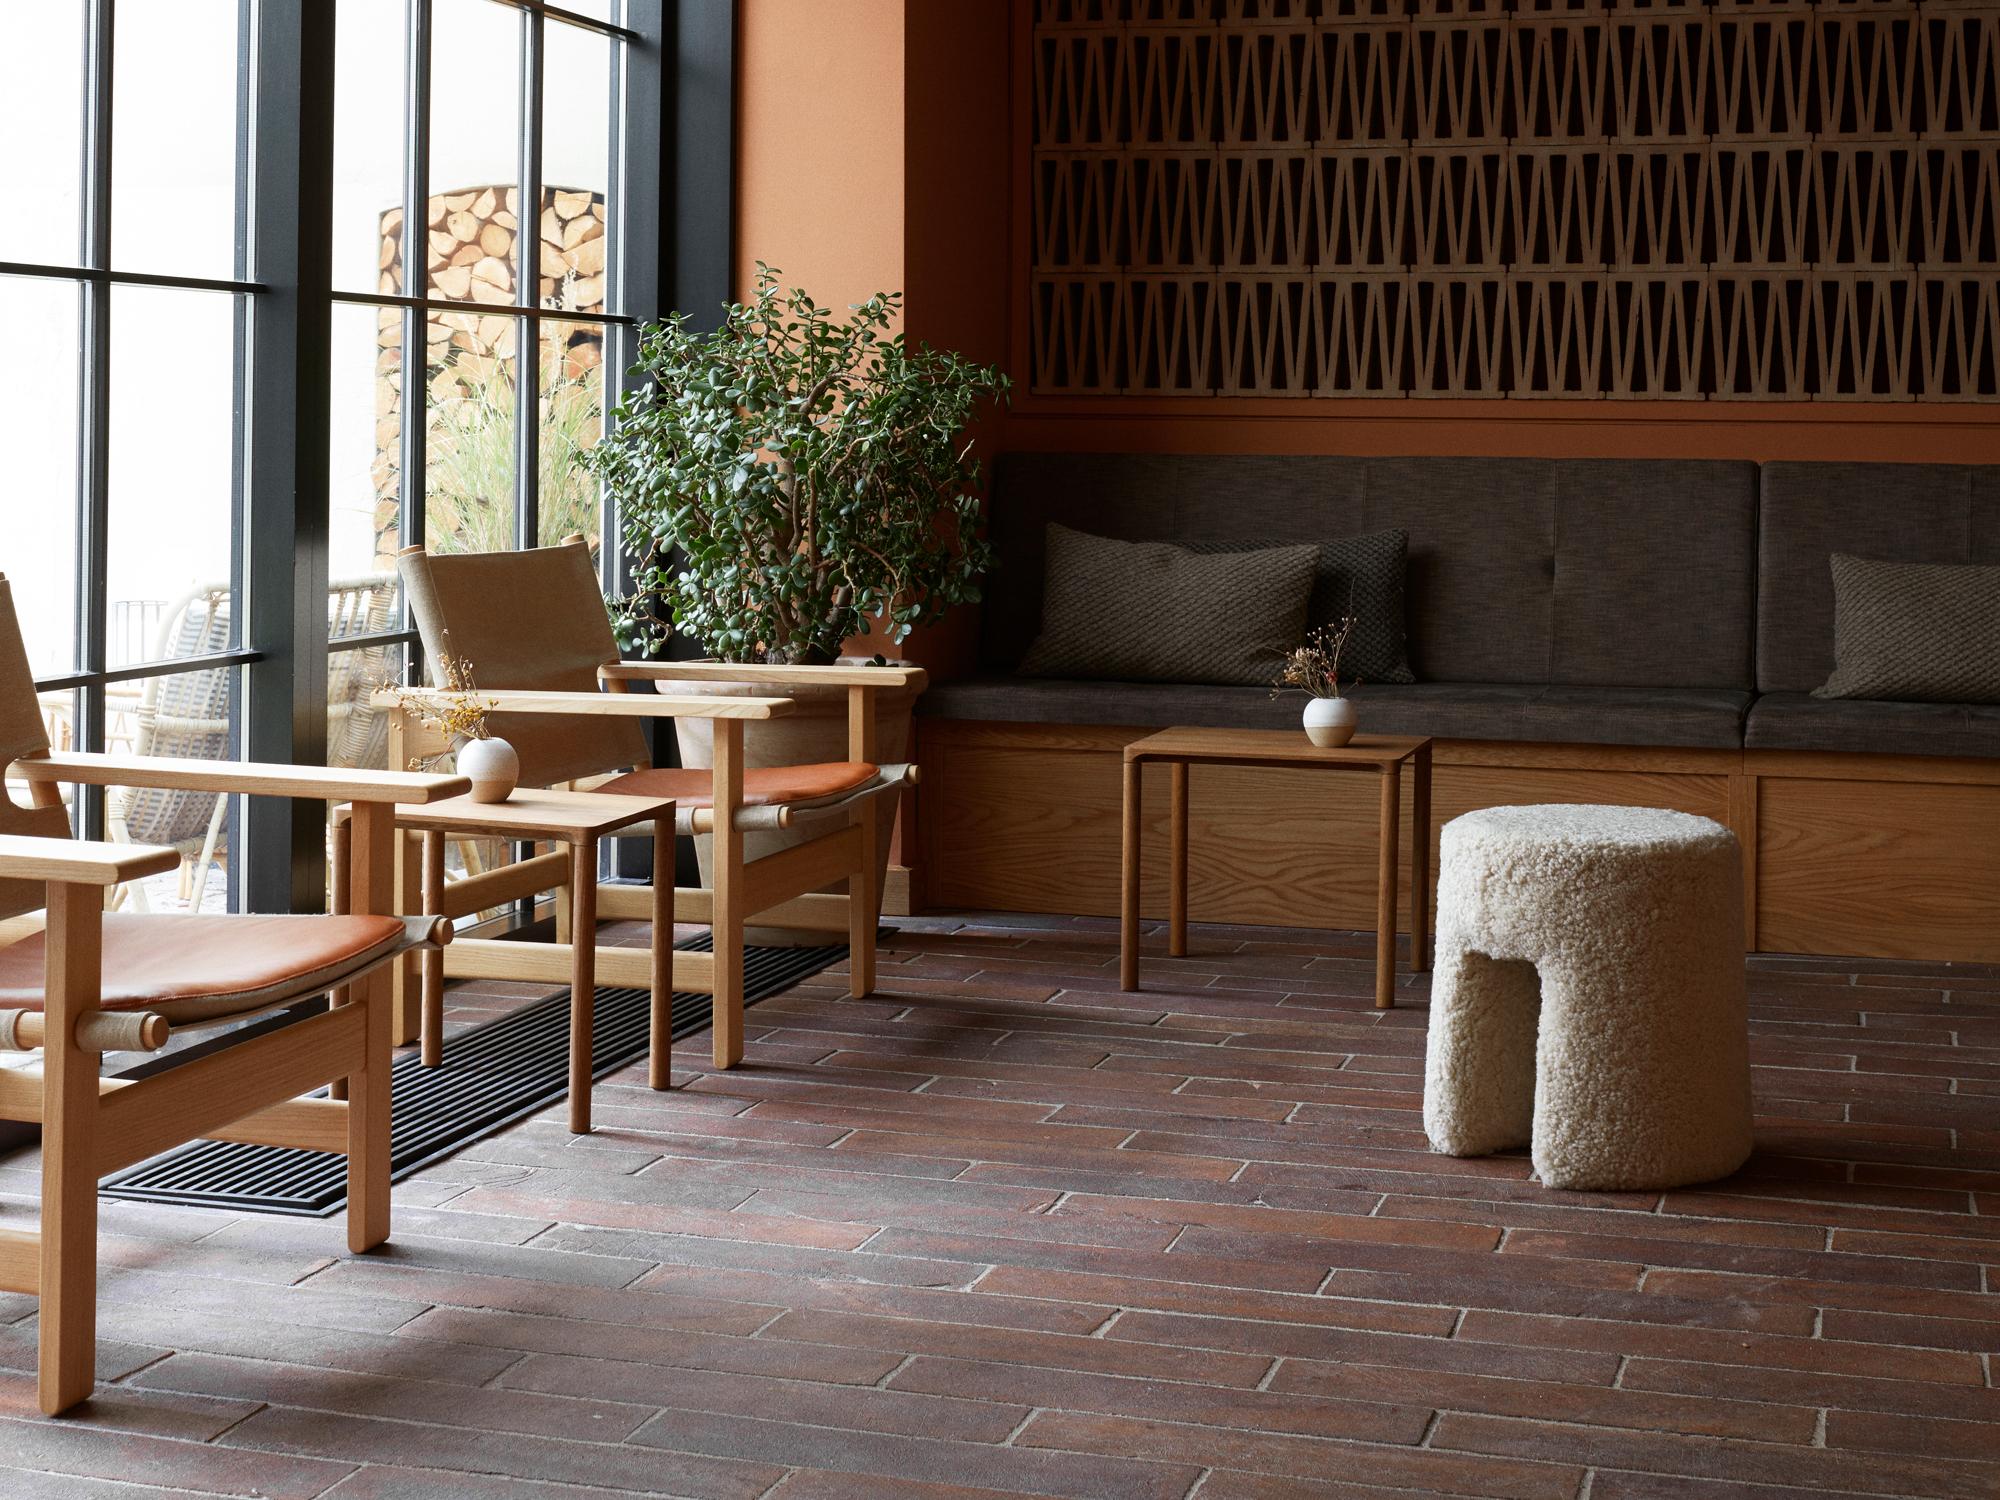 In der Lounge treffen mehrere Spanish Chairs(1958), dieBørge Mogensen für Fredericia gestaltet hat, auf dieWandleuchte VV Cinquanta Twin (1951).